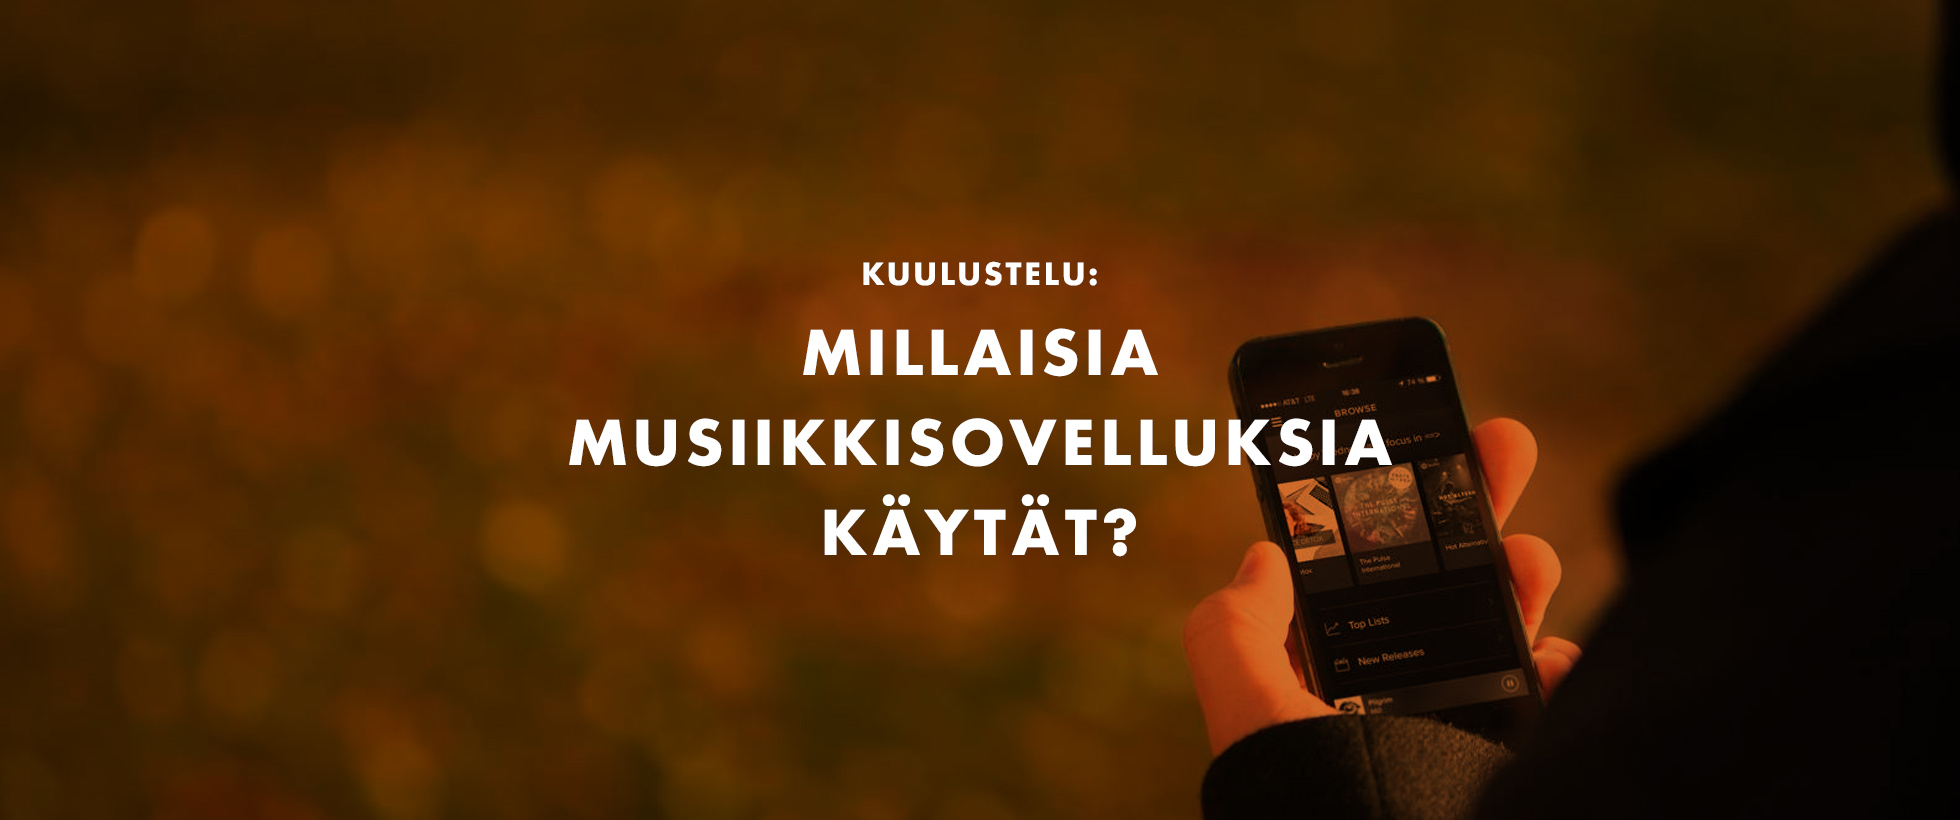 Kuulustelu: millaisia musiikkisovelluksia käytät?